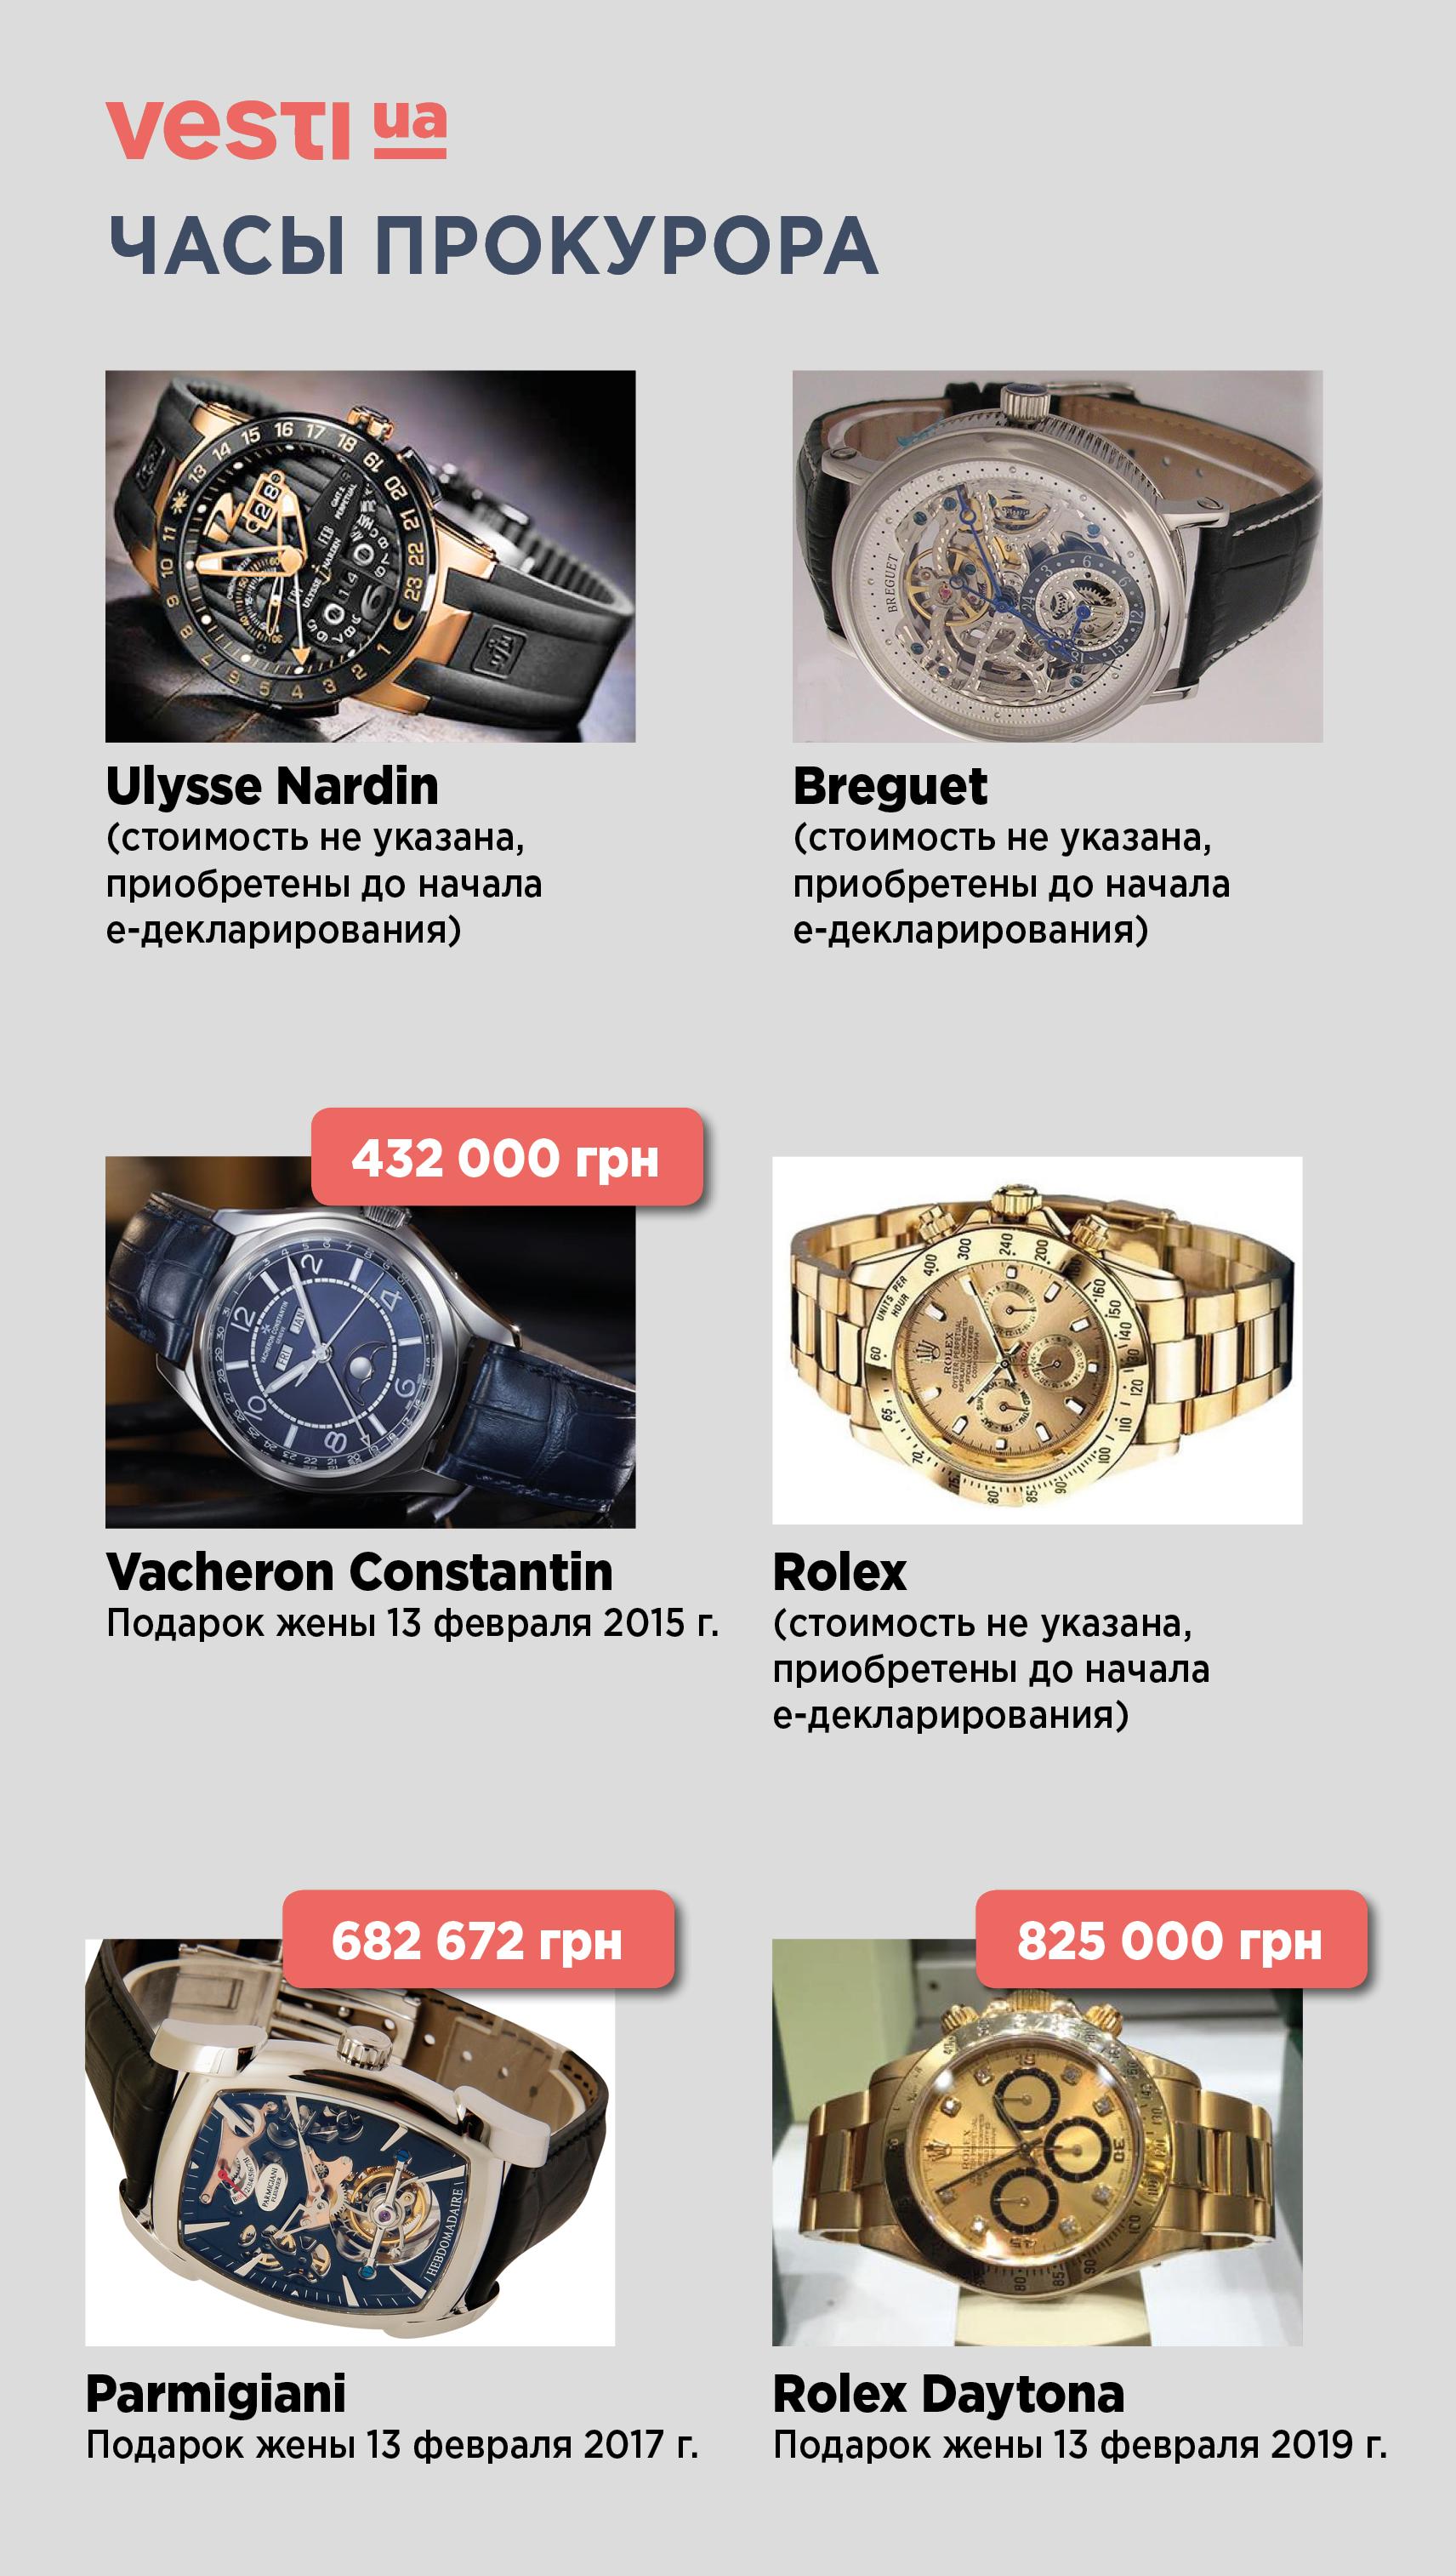 История одной семьи. Как Анатолий Матиос прячет деньги в карманах жены - фото 4